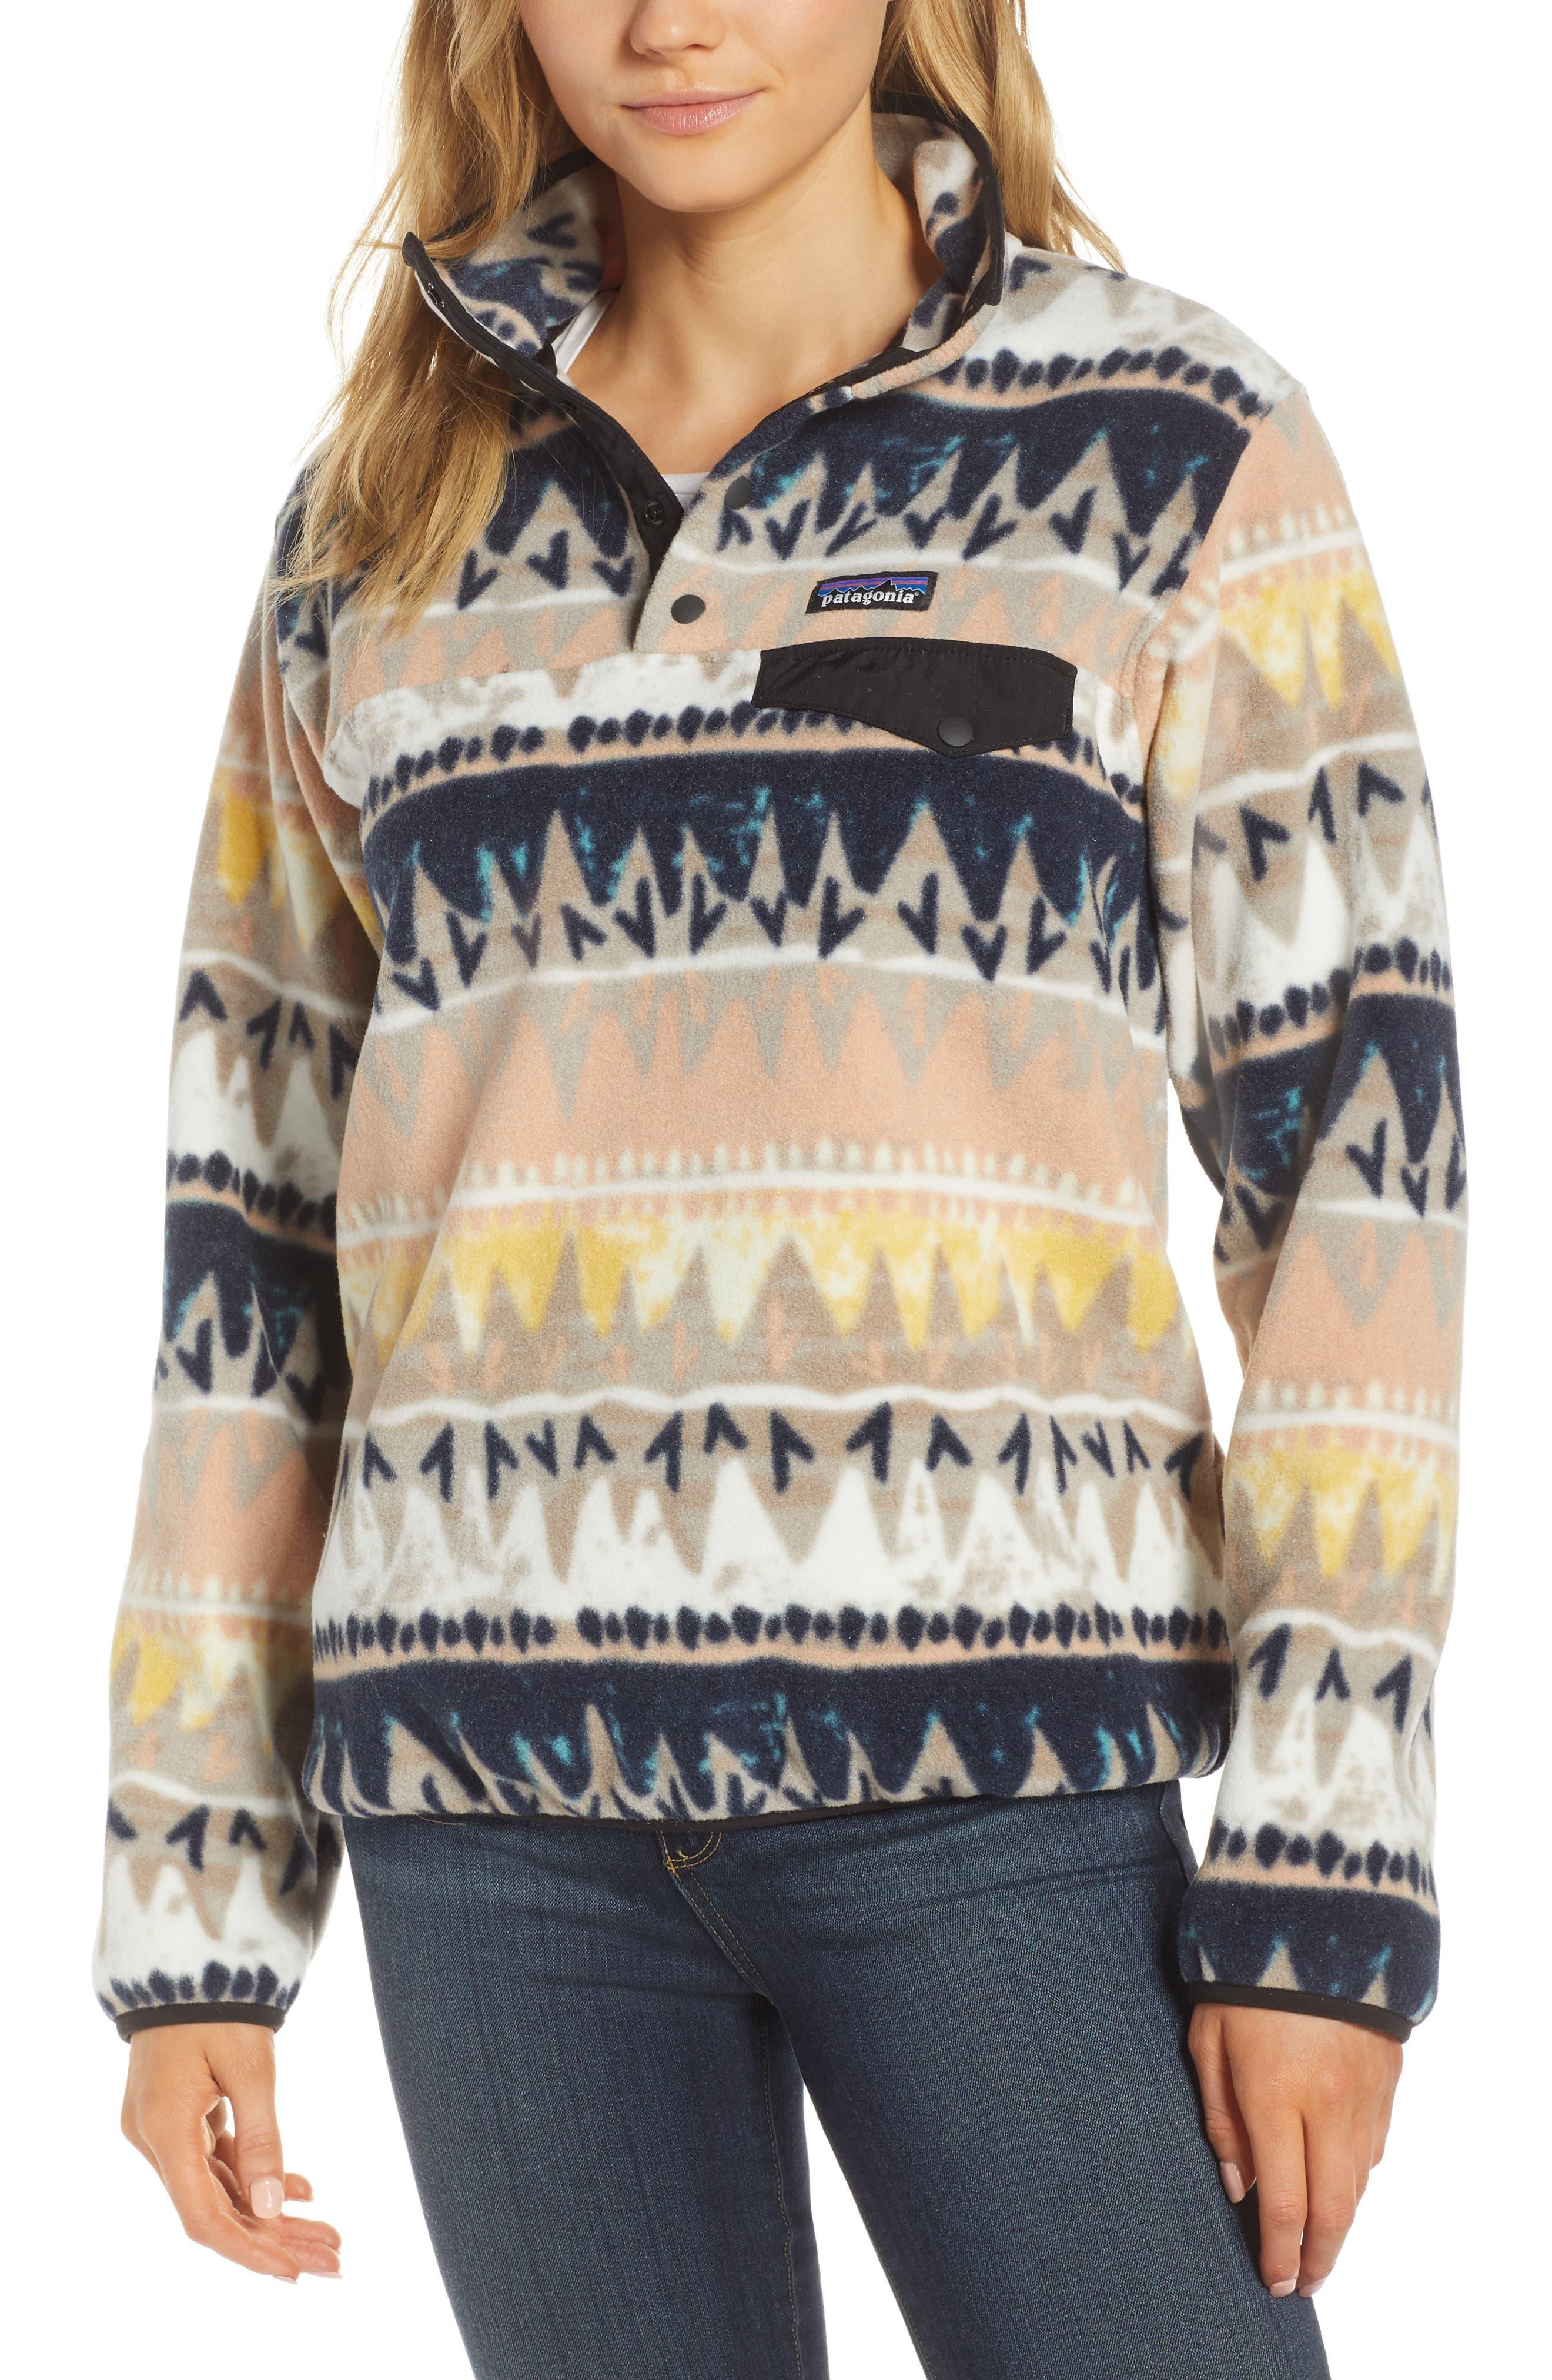 PATAGONIA Synchilla Snap-T<sup>®</sup> Fleece Pullover, Main, color, BANDICOOT/ MARROW GREY